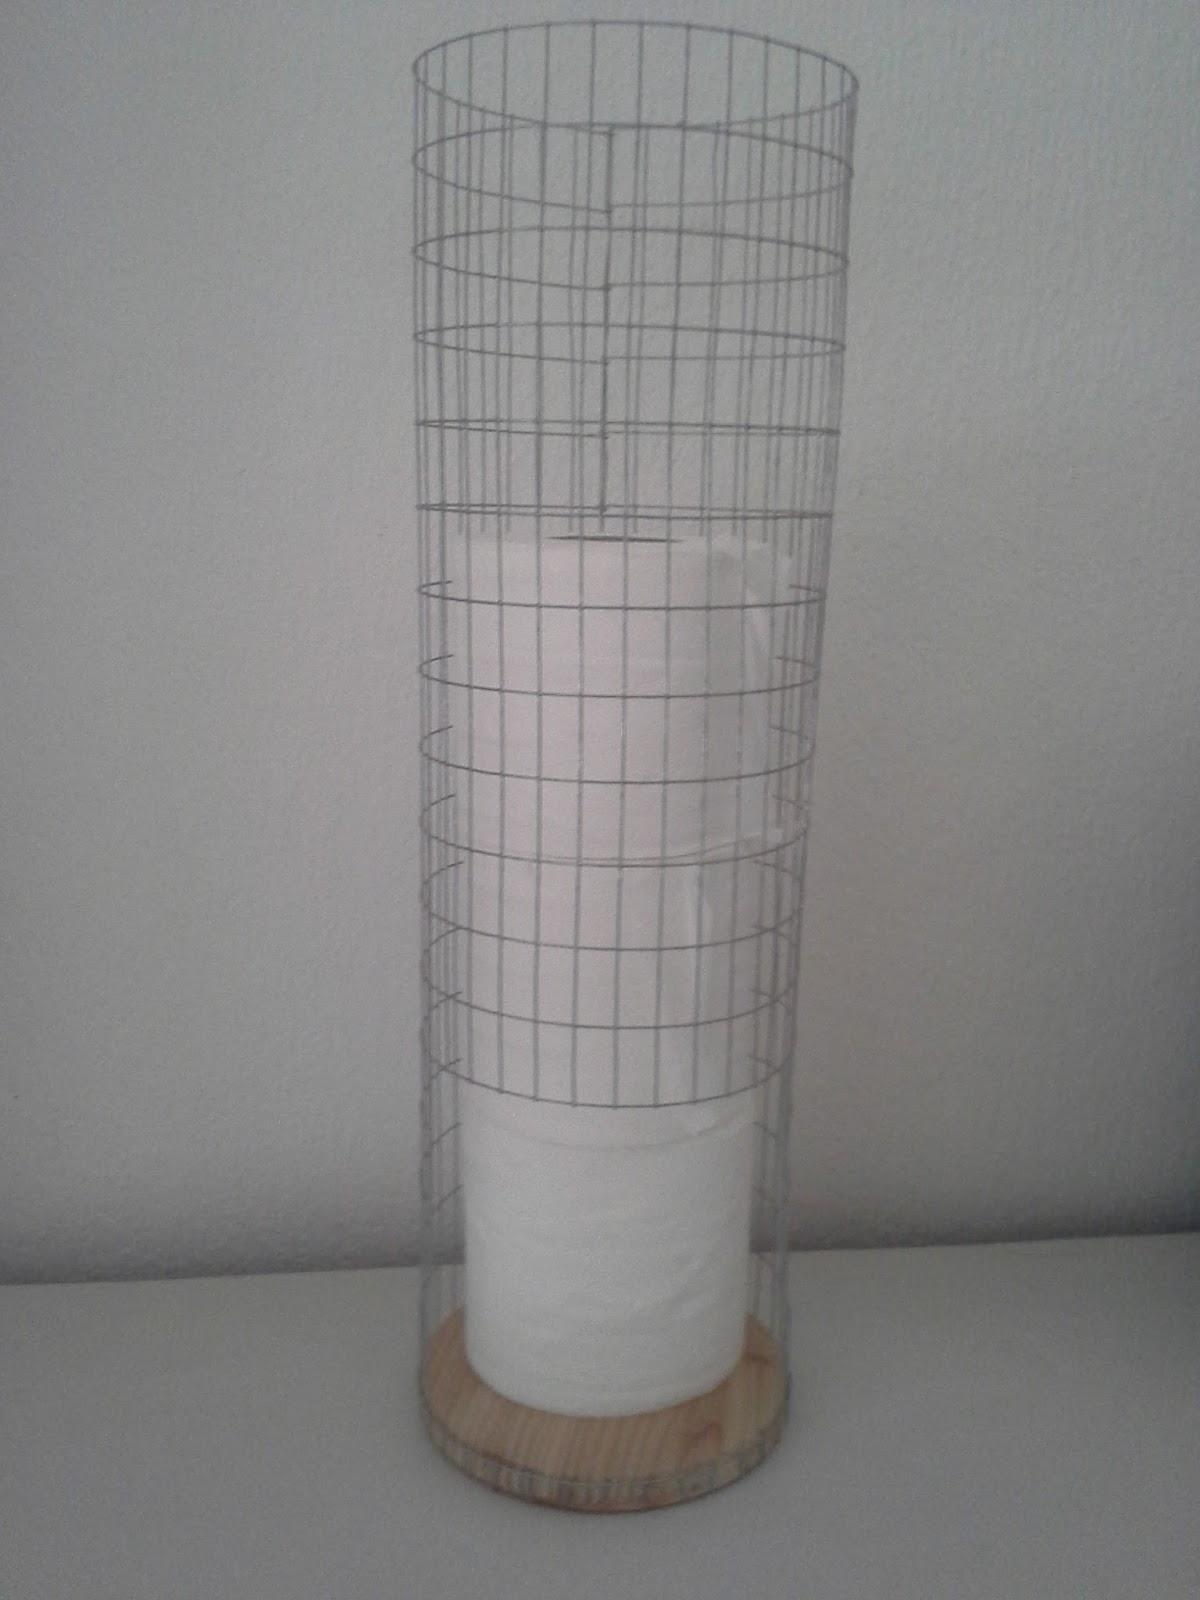 Fantastisk Flinks Hobby: Toiletrulleholder af voliernet SG09